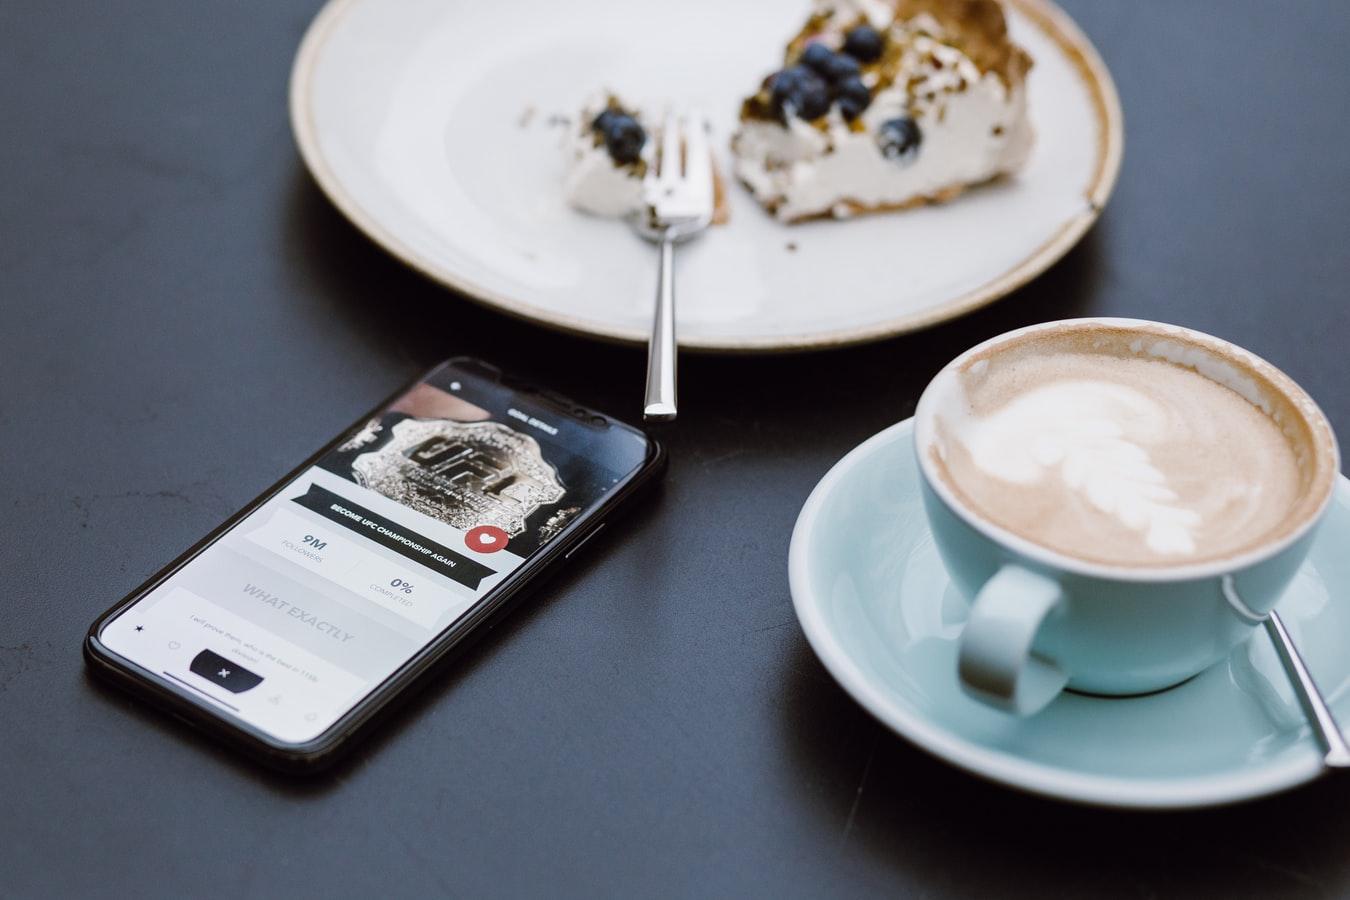 Создания идеальной страницы авторизации WiFi